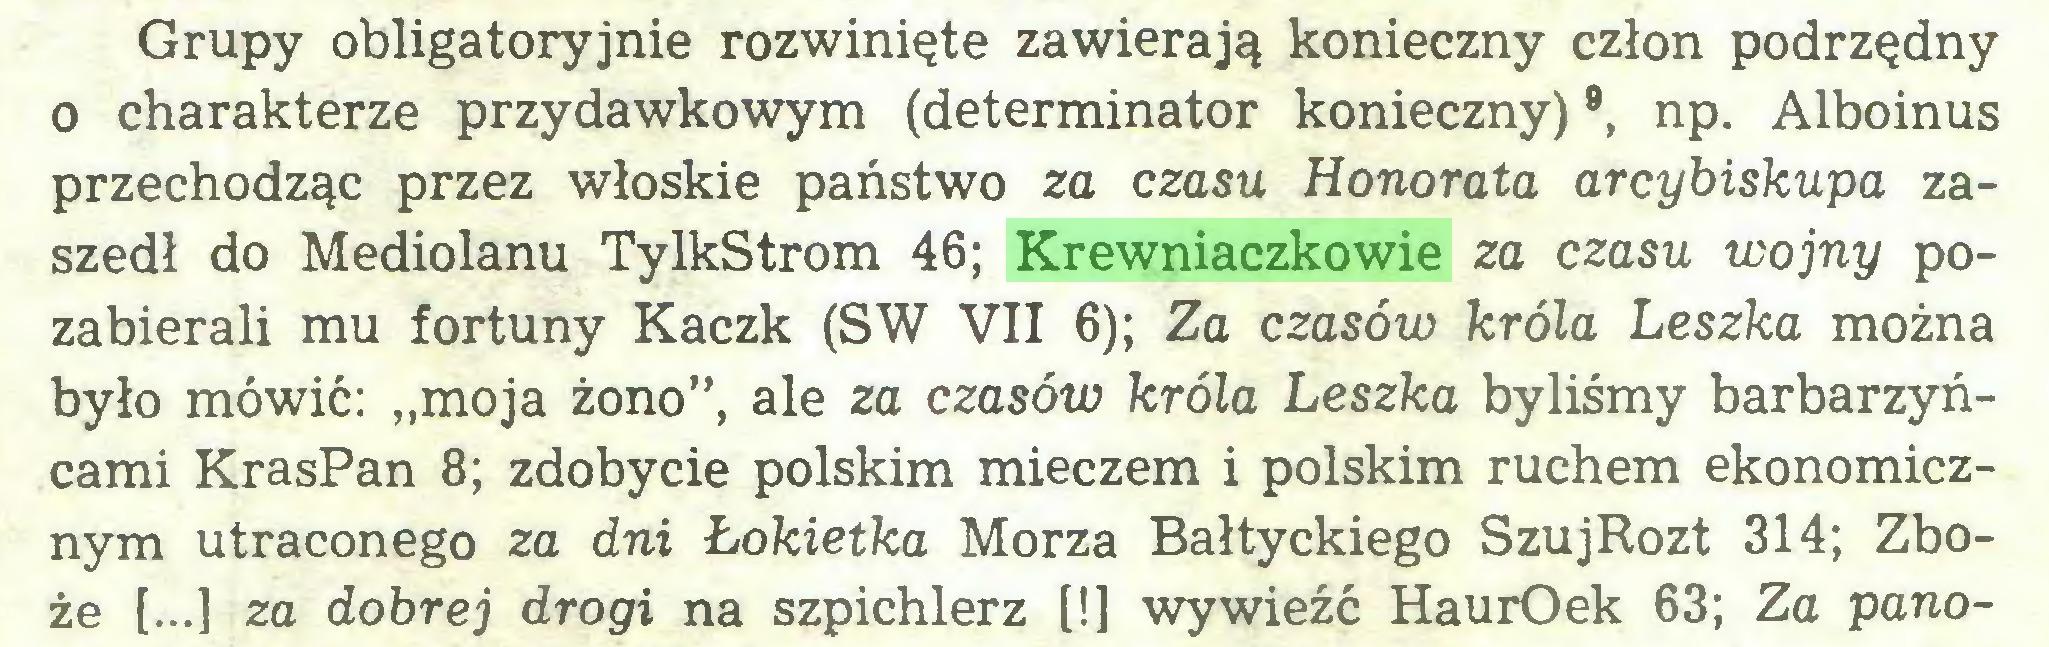 """(...) Grupy obligatoryjnie rozwinięte zawierają konieczny człon podrzędny o charakterze przydawkowym (determinator konieczny)9, np. Alboinus przechodząc przez włoskie państwo za czasu Honorata arcybiskupa zaszedł do Mediolanu TylkStrom 46; Krewniaczkowie za czasu wojny pozabierali mu fortuny Kaczk (SW VII 6); Za czasów króla Leszka można było mówić: """"moja żono"""", ale za czasów króla Leszka byliśmy barbarzyńcami KrasPan 8; zdobycie polskim mieczem i polskim ruchem ekonomicznym utraconego za dni Łokietka Morza Bałtyckiego SzujRozt 314; Zboże [...] za dobrej drogi na szpichlerz [!] wywieźć HaurOek 63; Za pano..."""